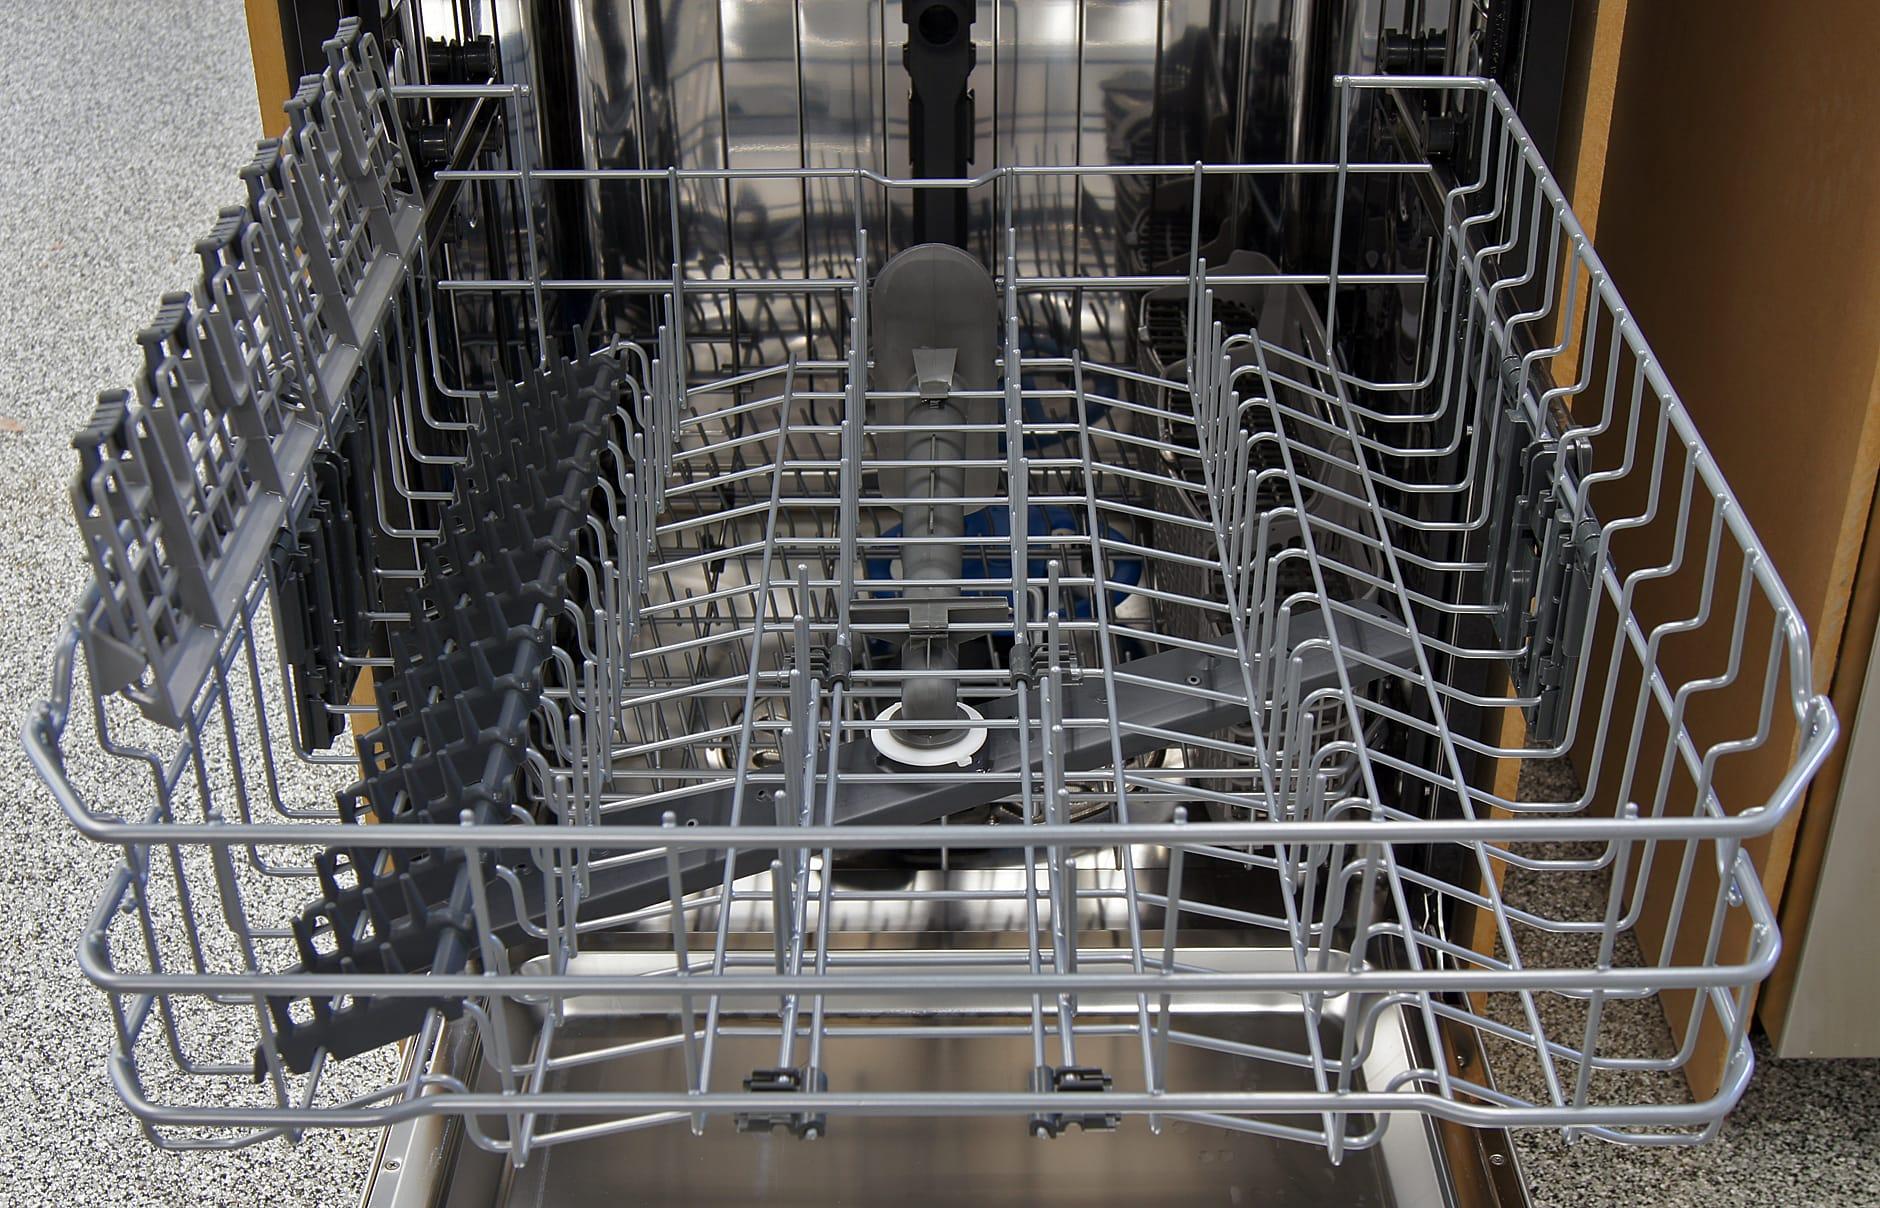 Kitchenaid T Ii Top Control Dishwasher